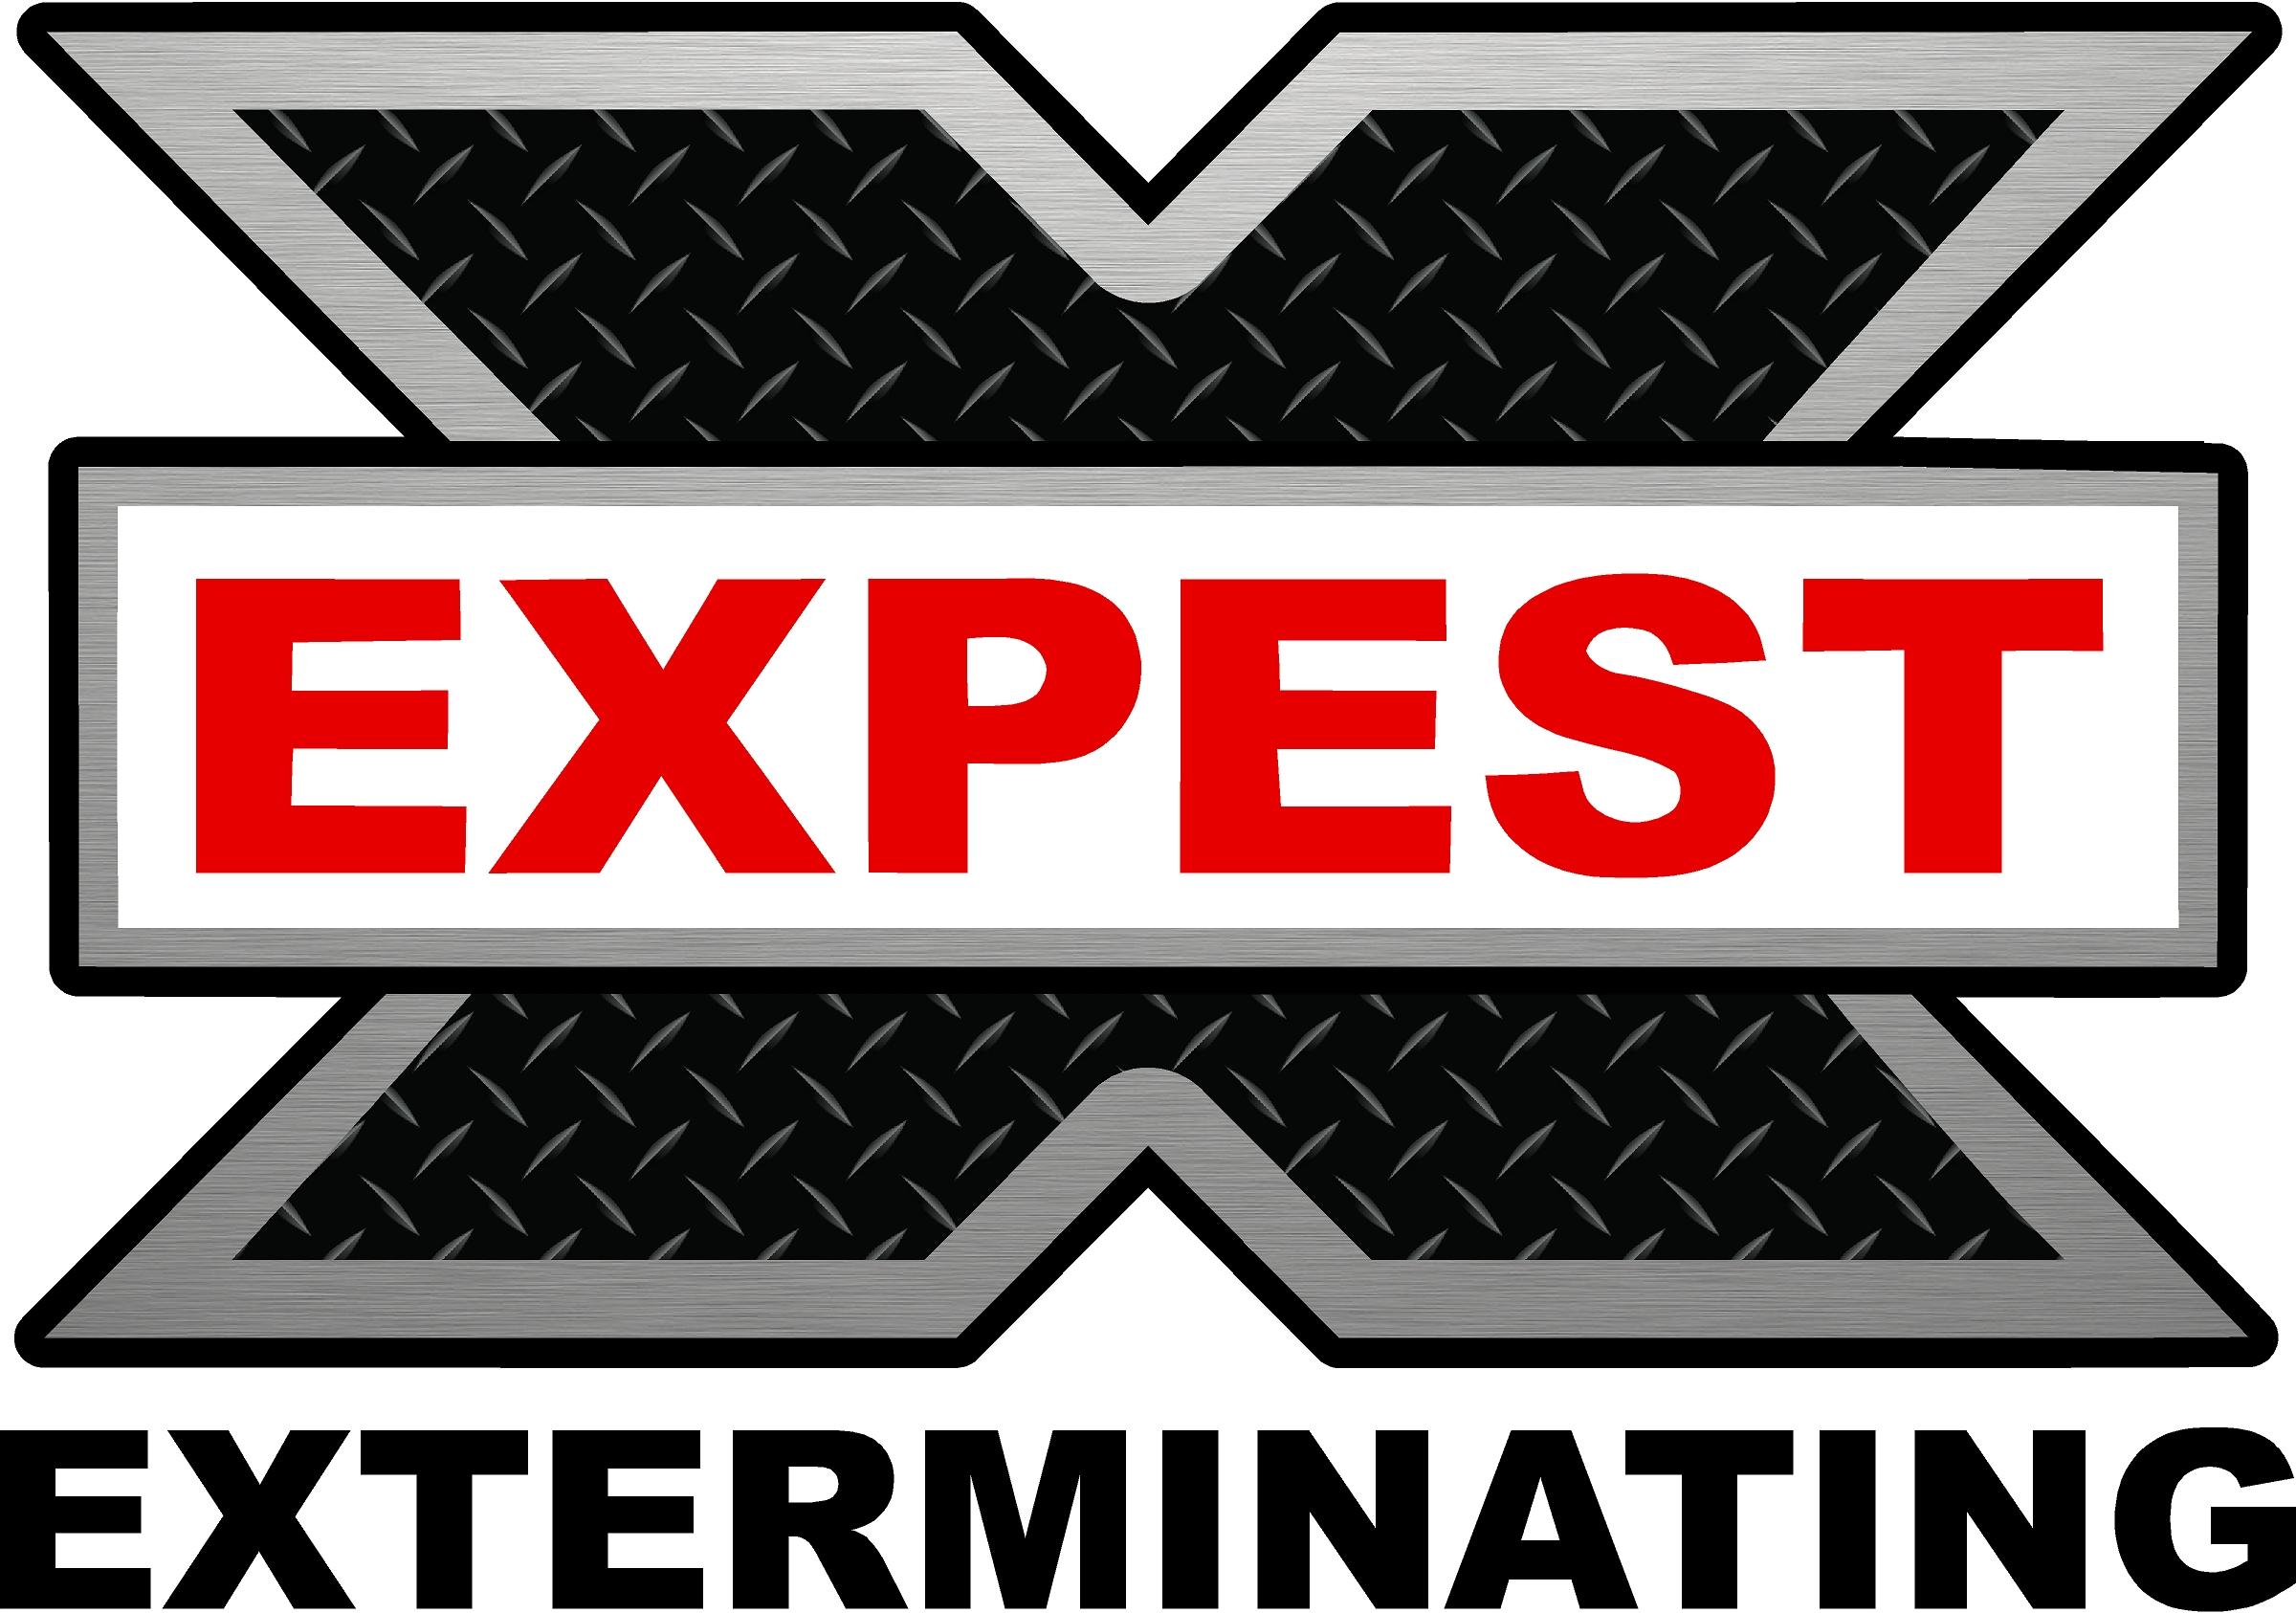 Expest Exterminating